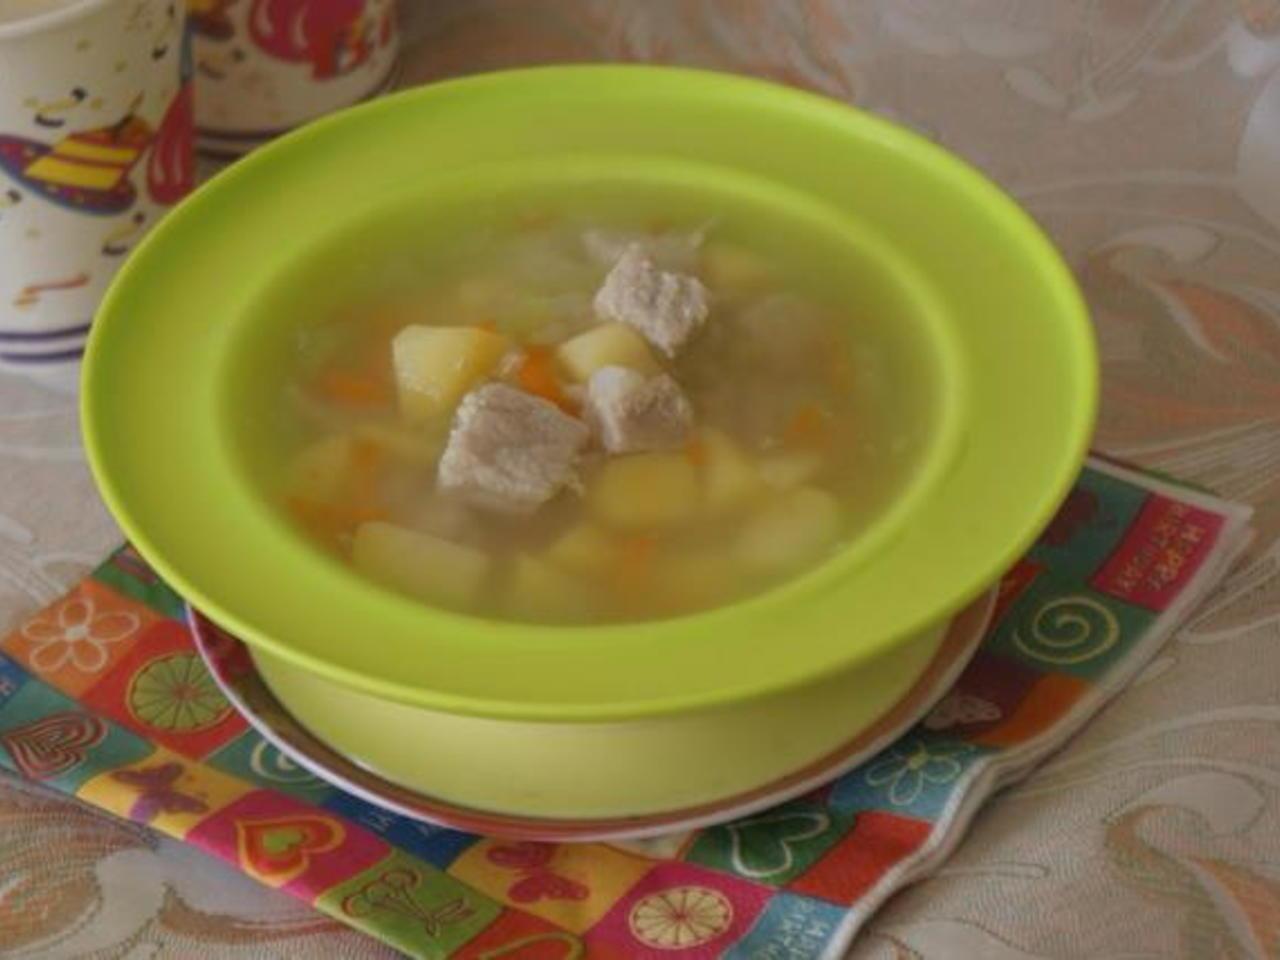 Со скольки месяцев можно давать суп ребенку